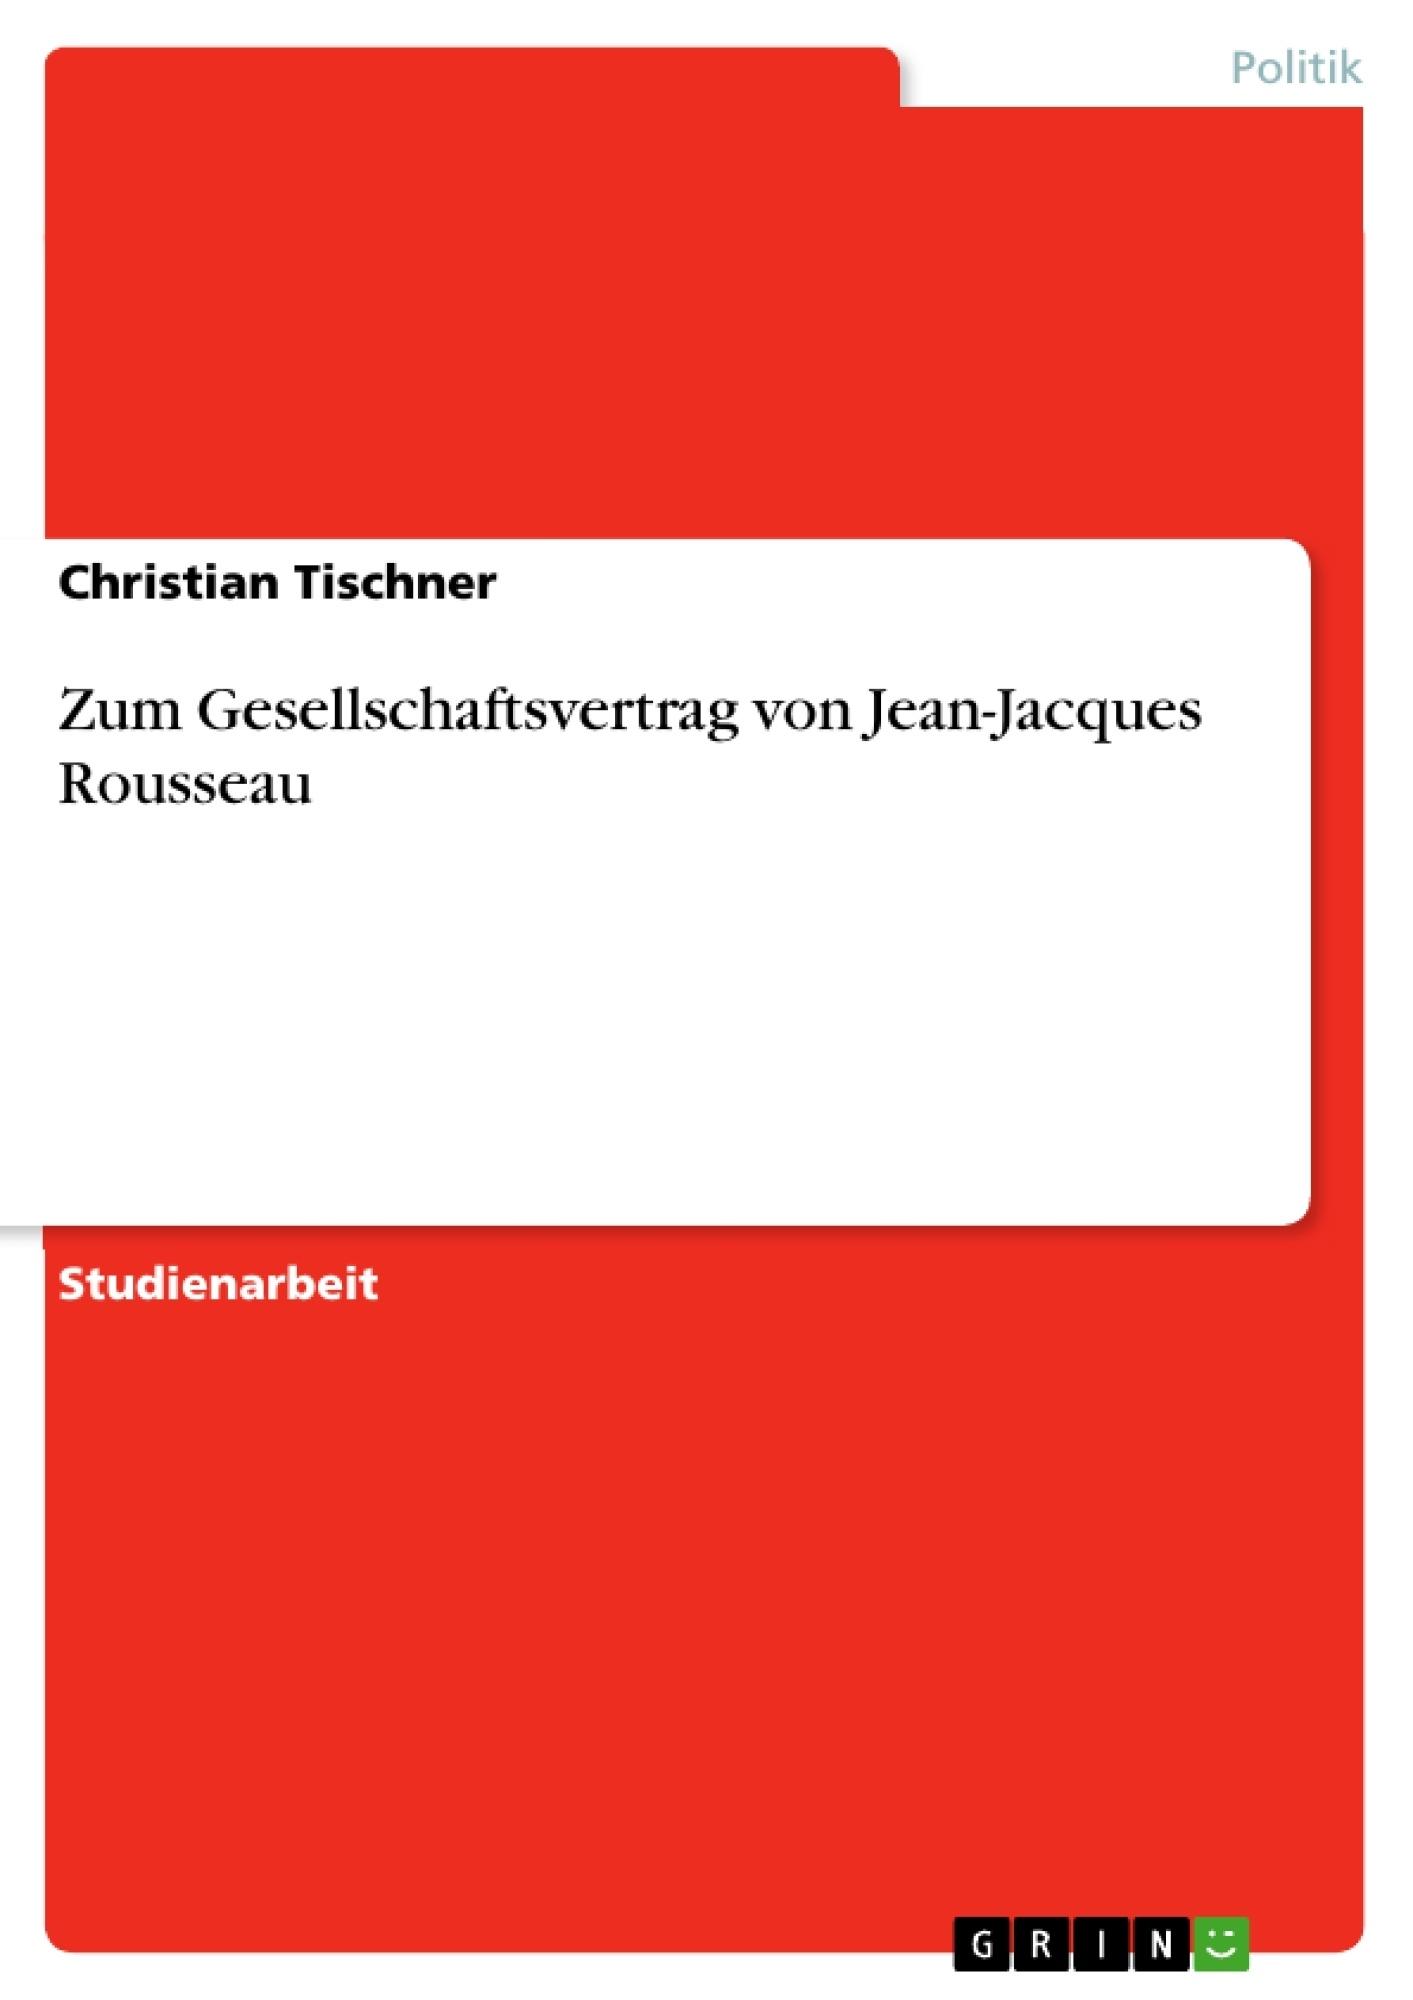 Titel: Zum Gesellschaftsvertrag von Jean-Jacques Rousseau